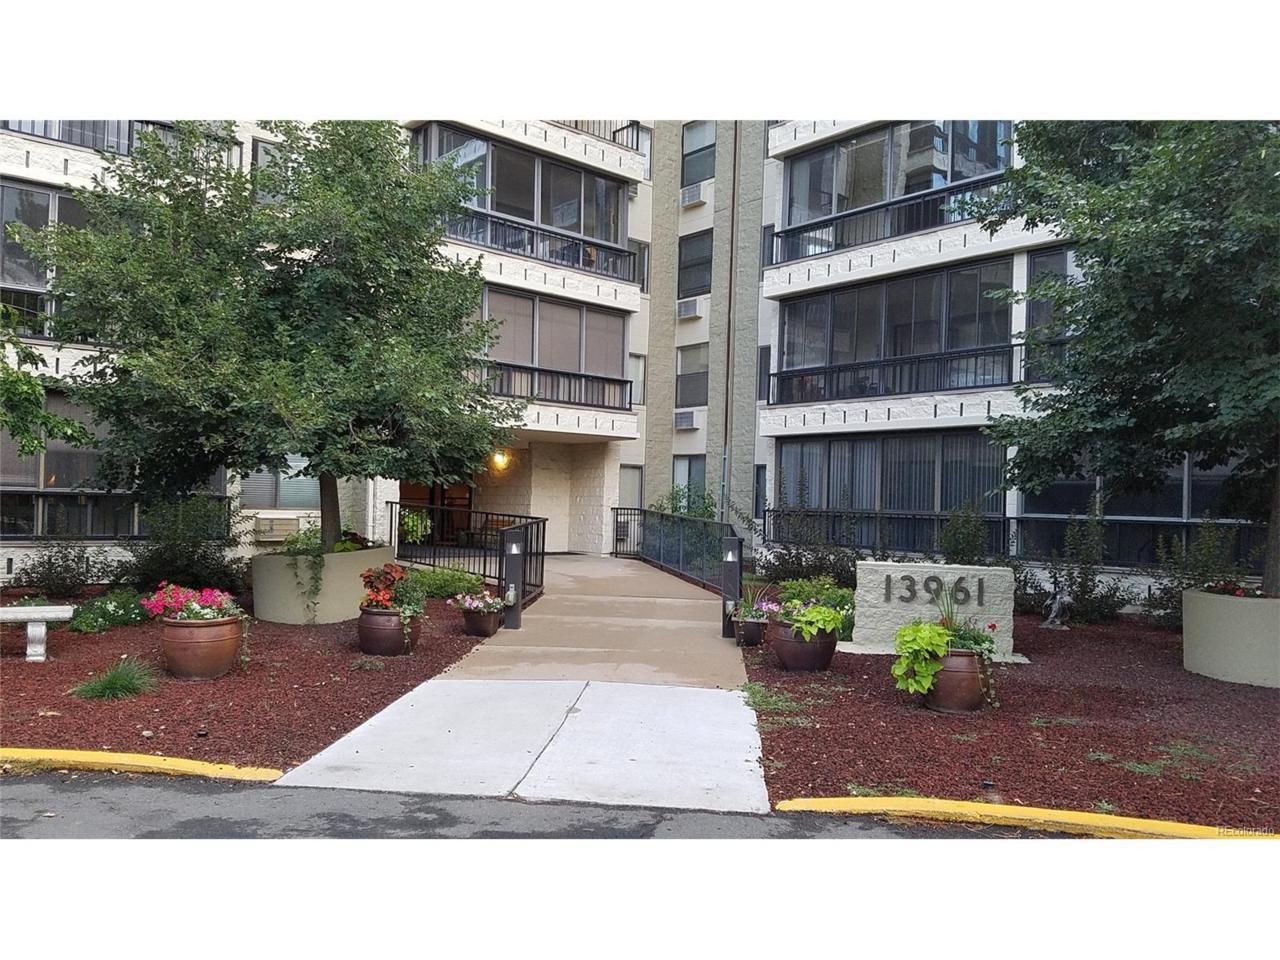 13961 E Marina Drive #412, Aurora, CO 80014 (MLS #6947951) :: 8z Real Estate